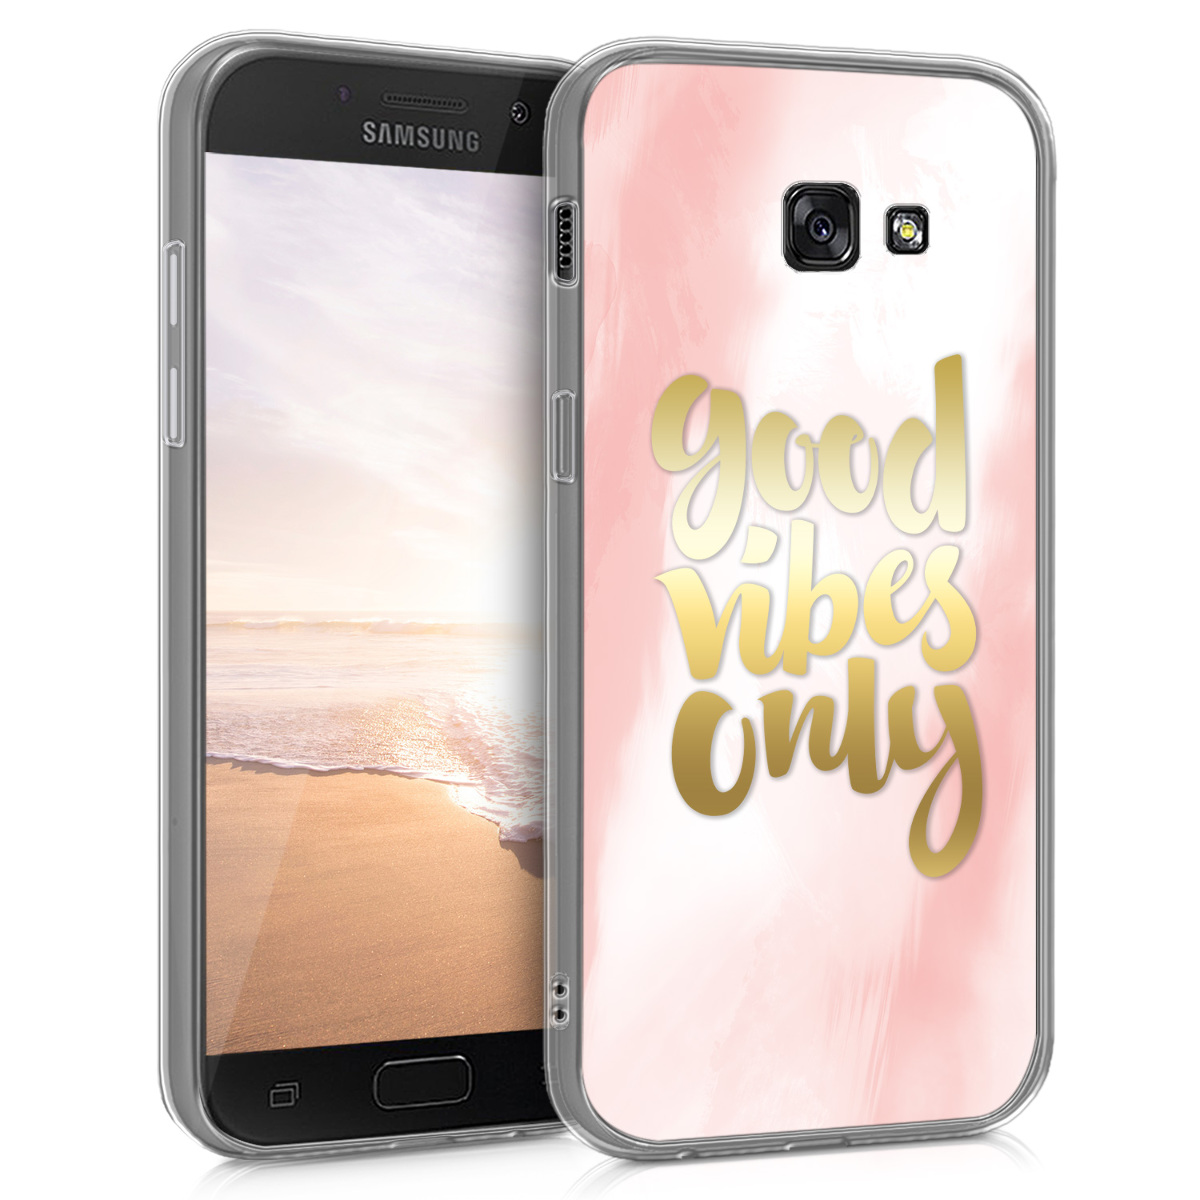 Kvalitní silikonové TPU pouzdro pro Samsung A5 (2017) - Good Vibes světle růžové / Gold / bílé